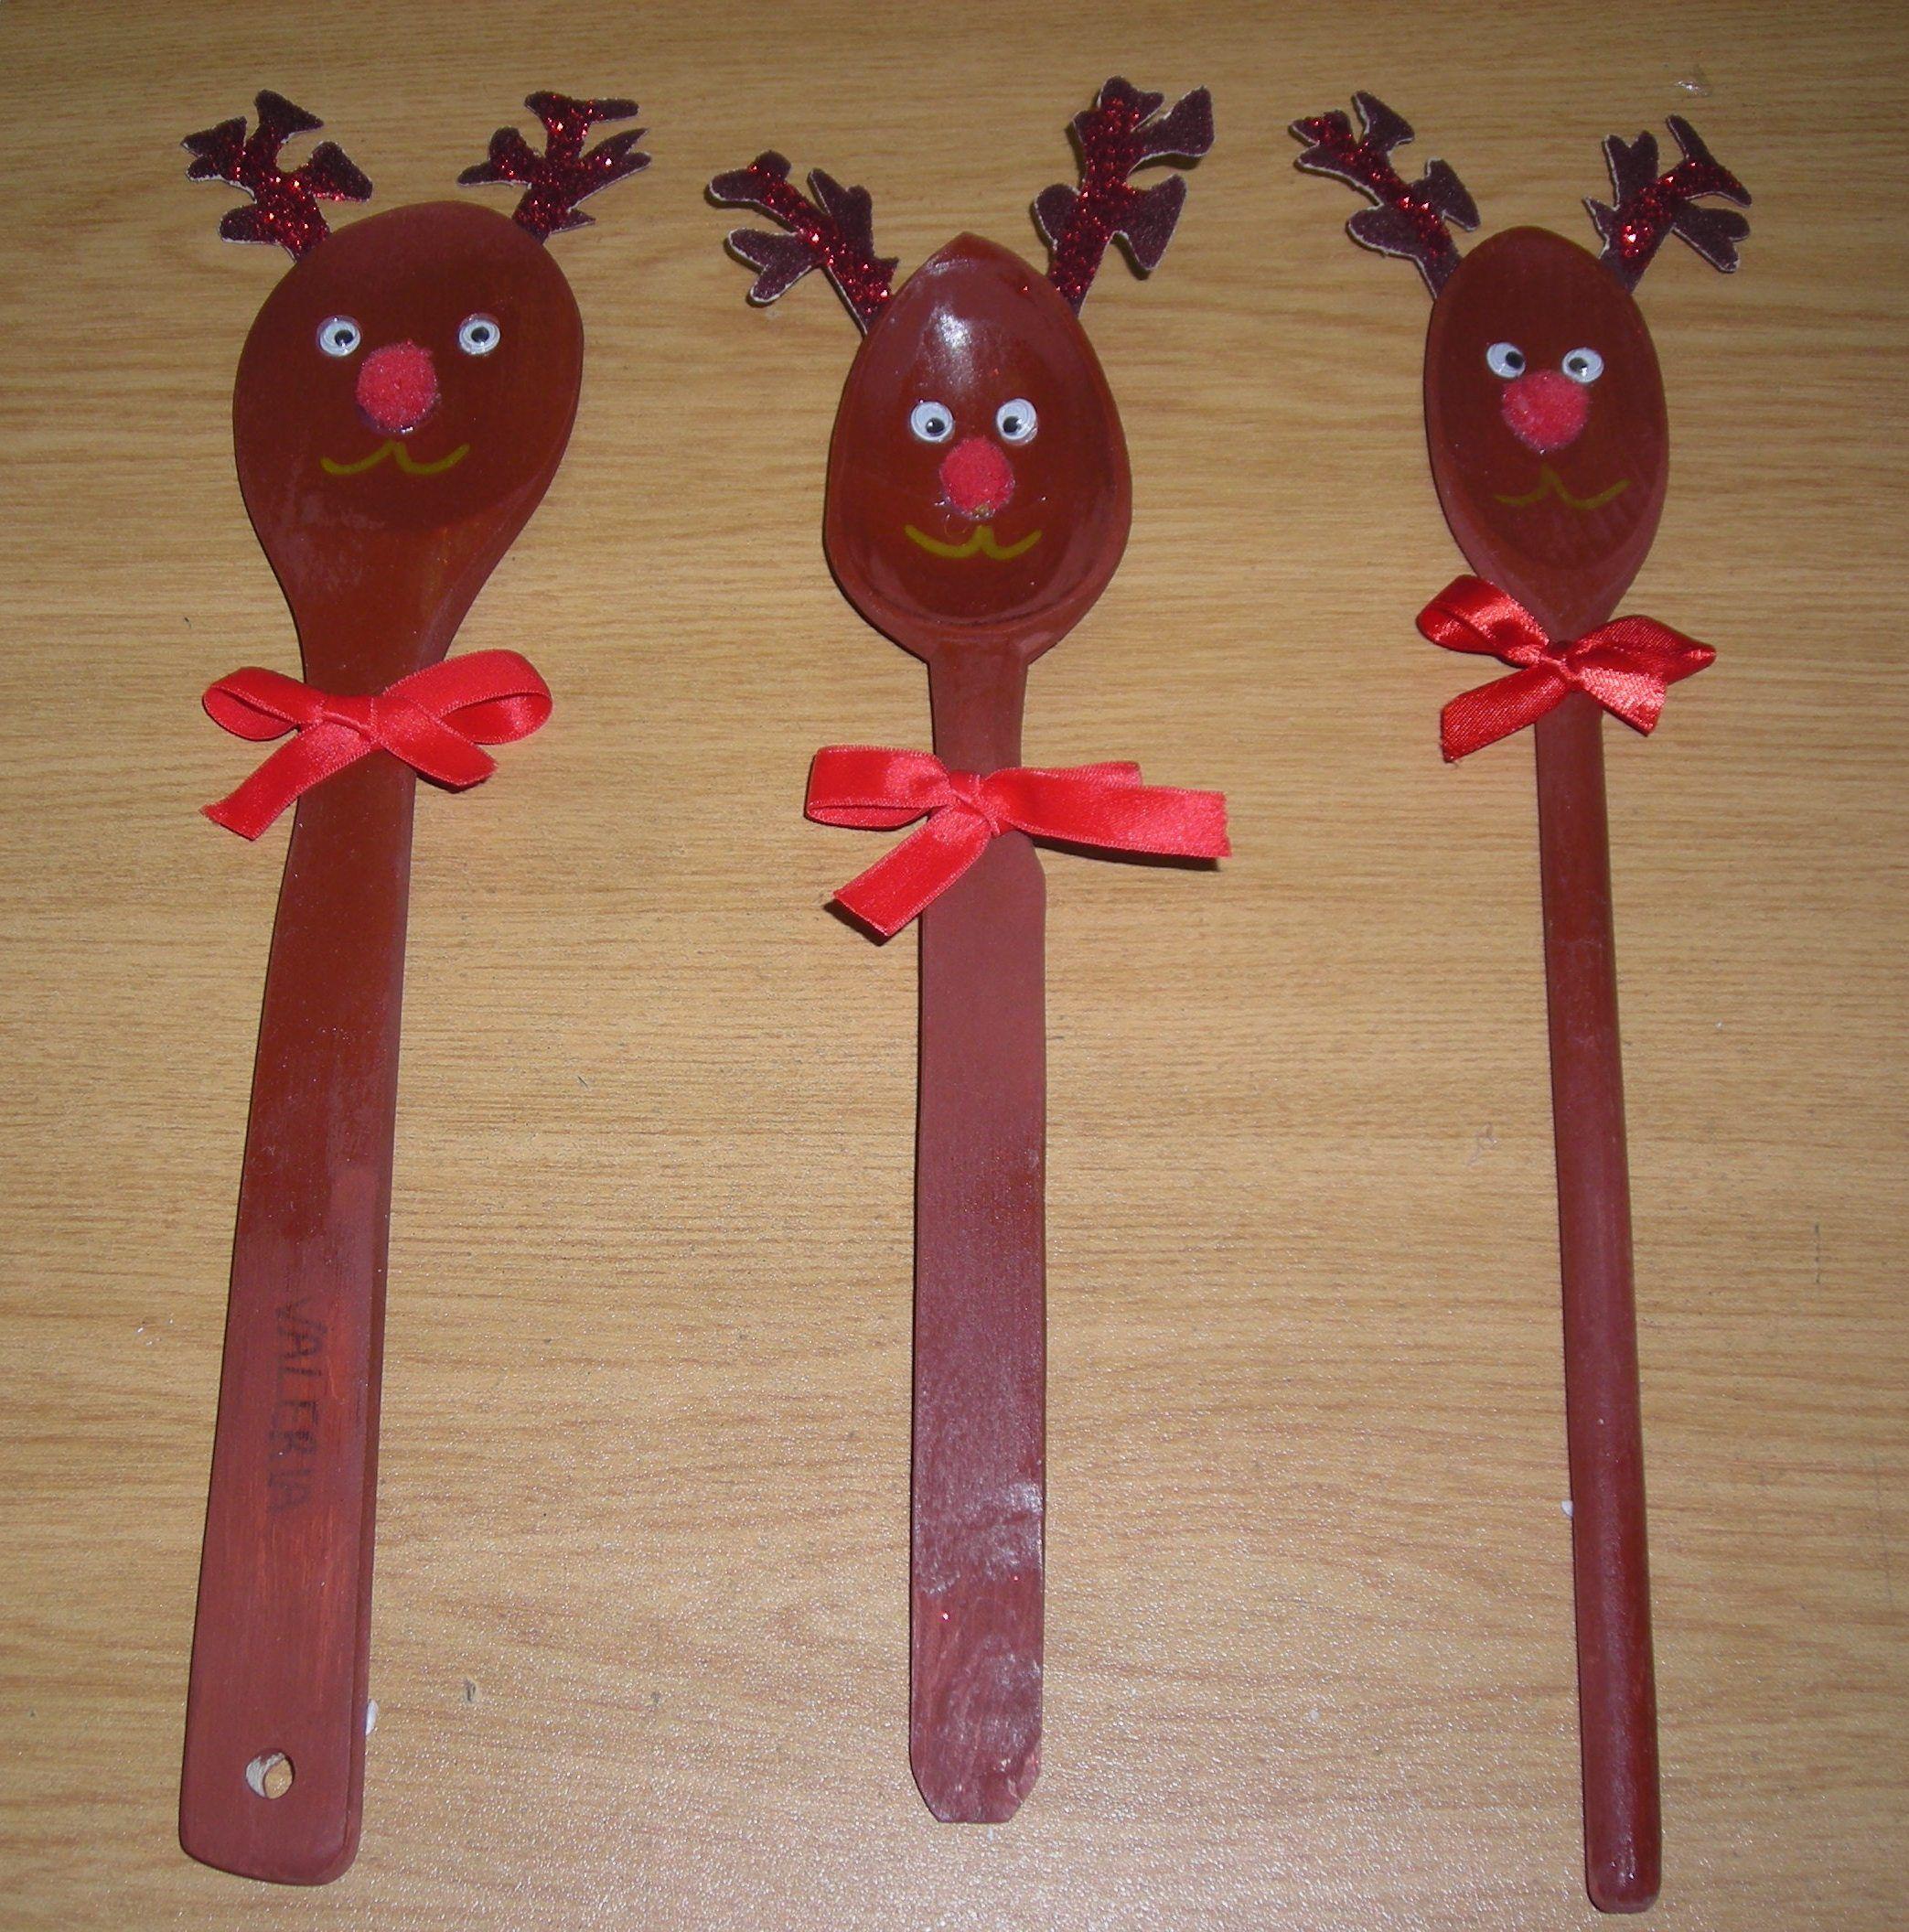 Lavoretti In Legno Per Natale renne con i cucchiai di legno (con immagini) | cucchiai di